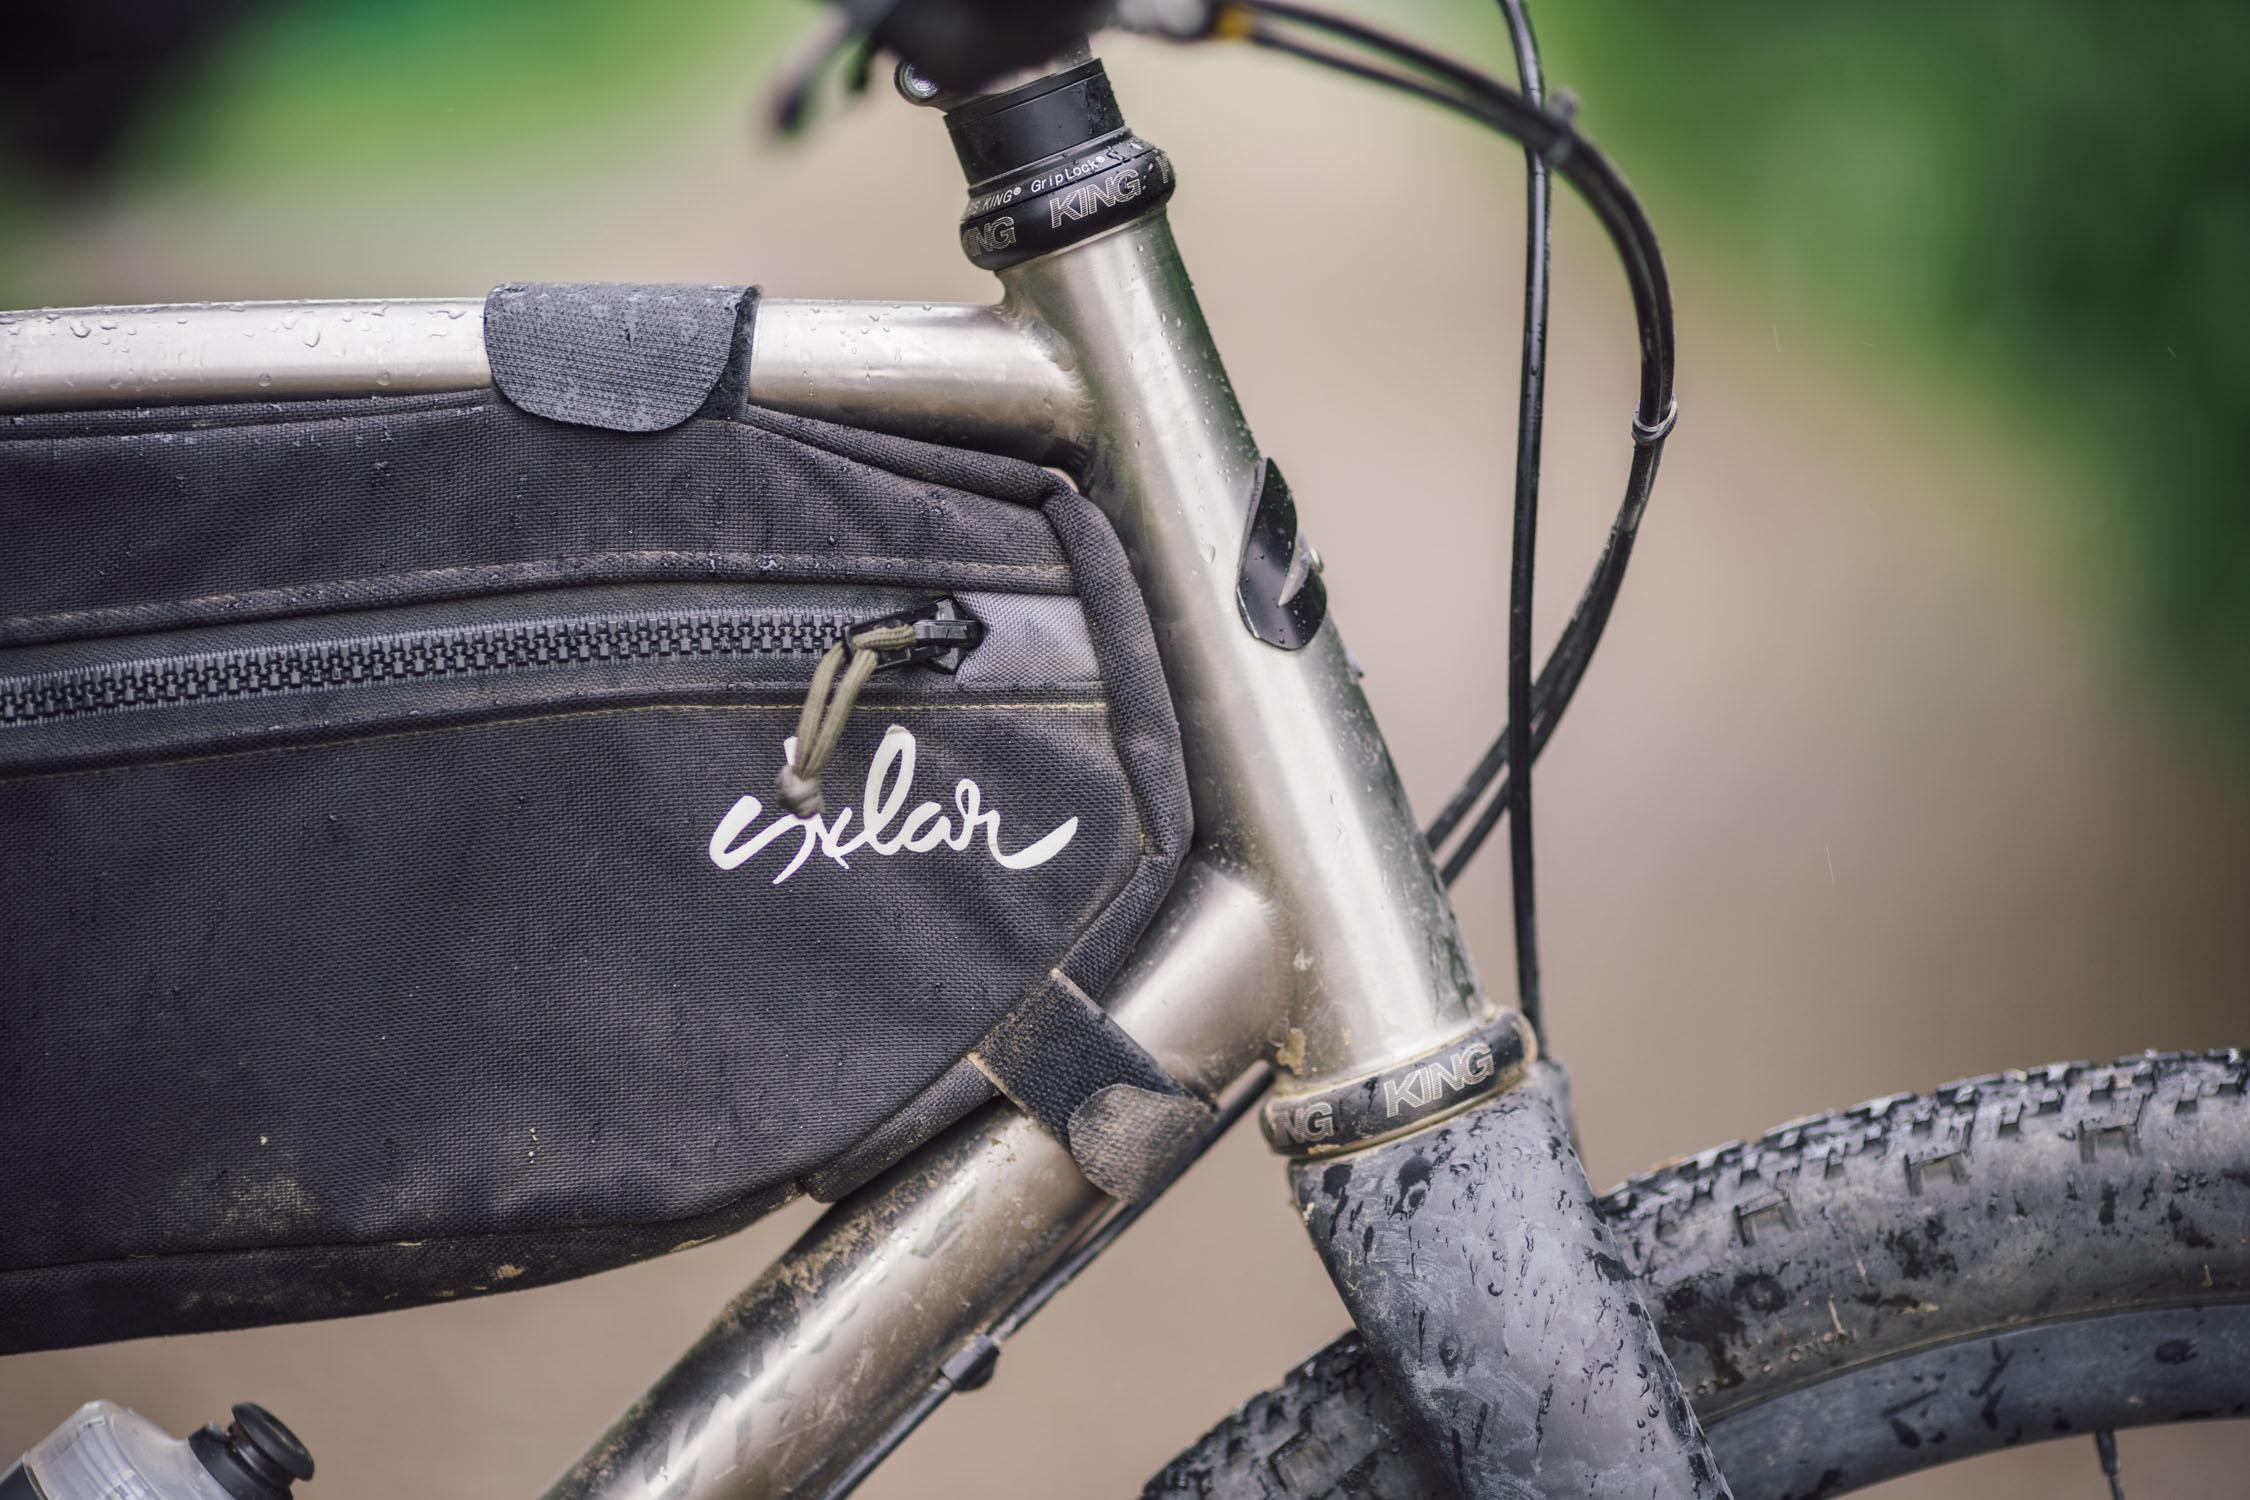 sklar-bikes_50.jpg